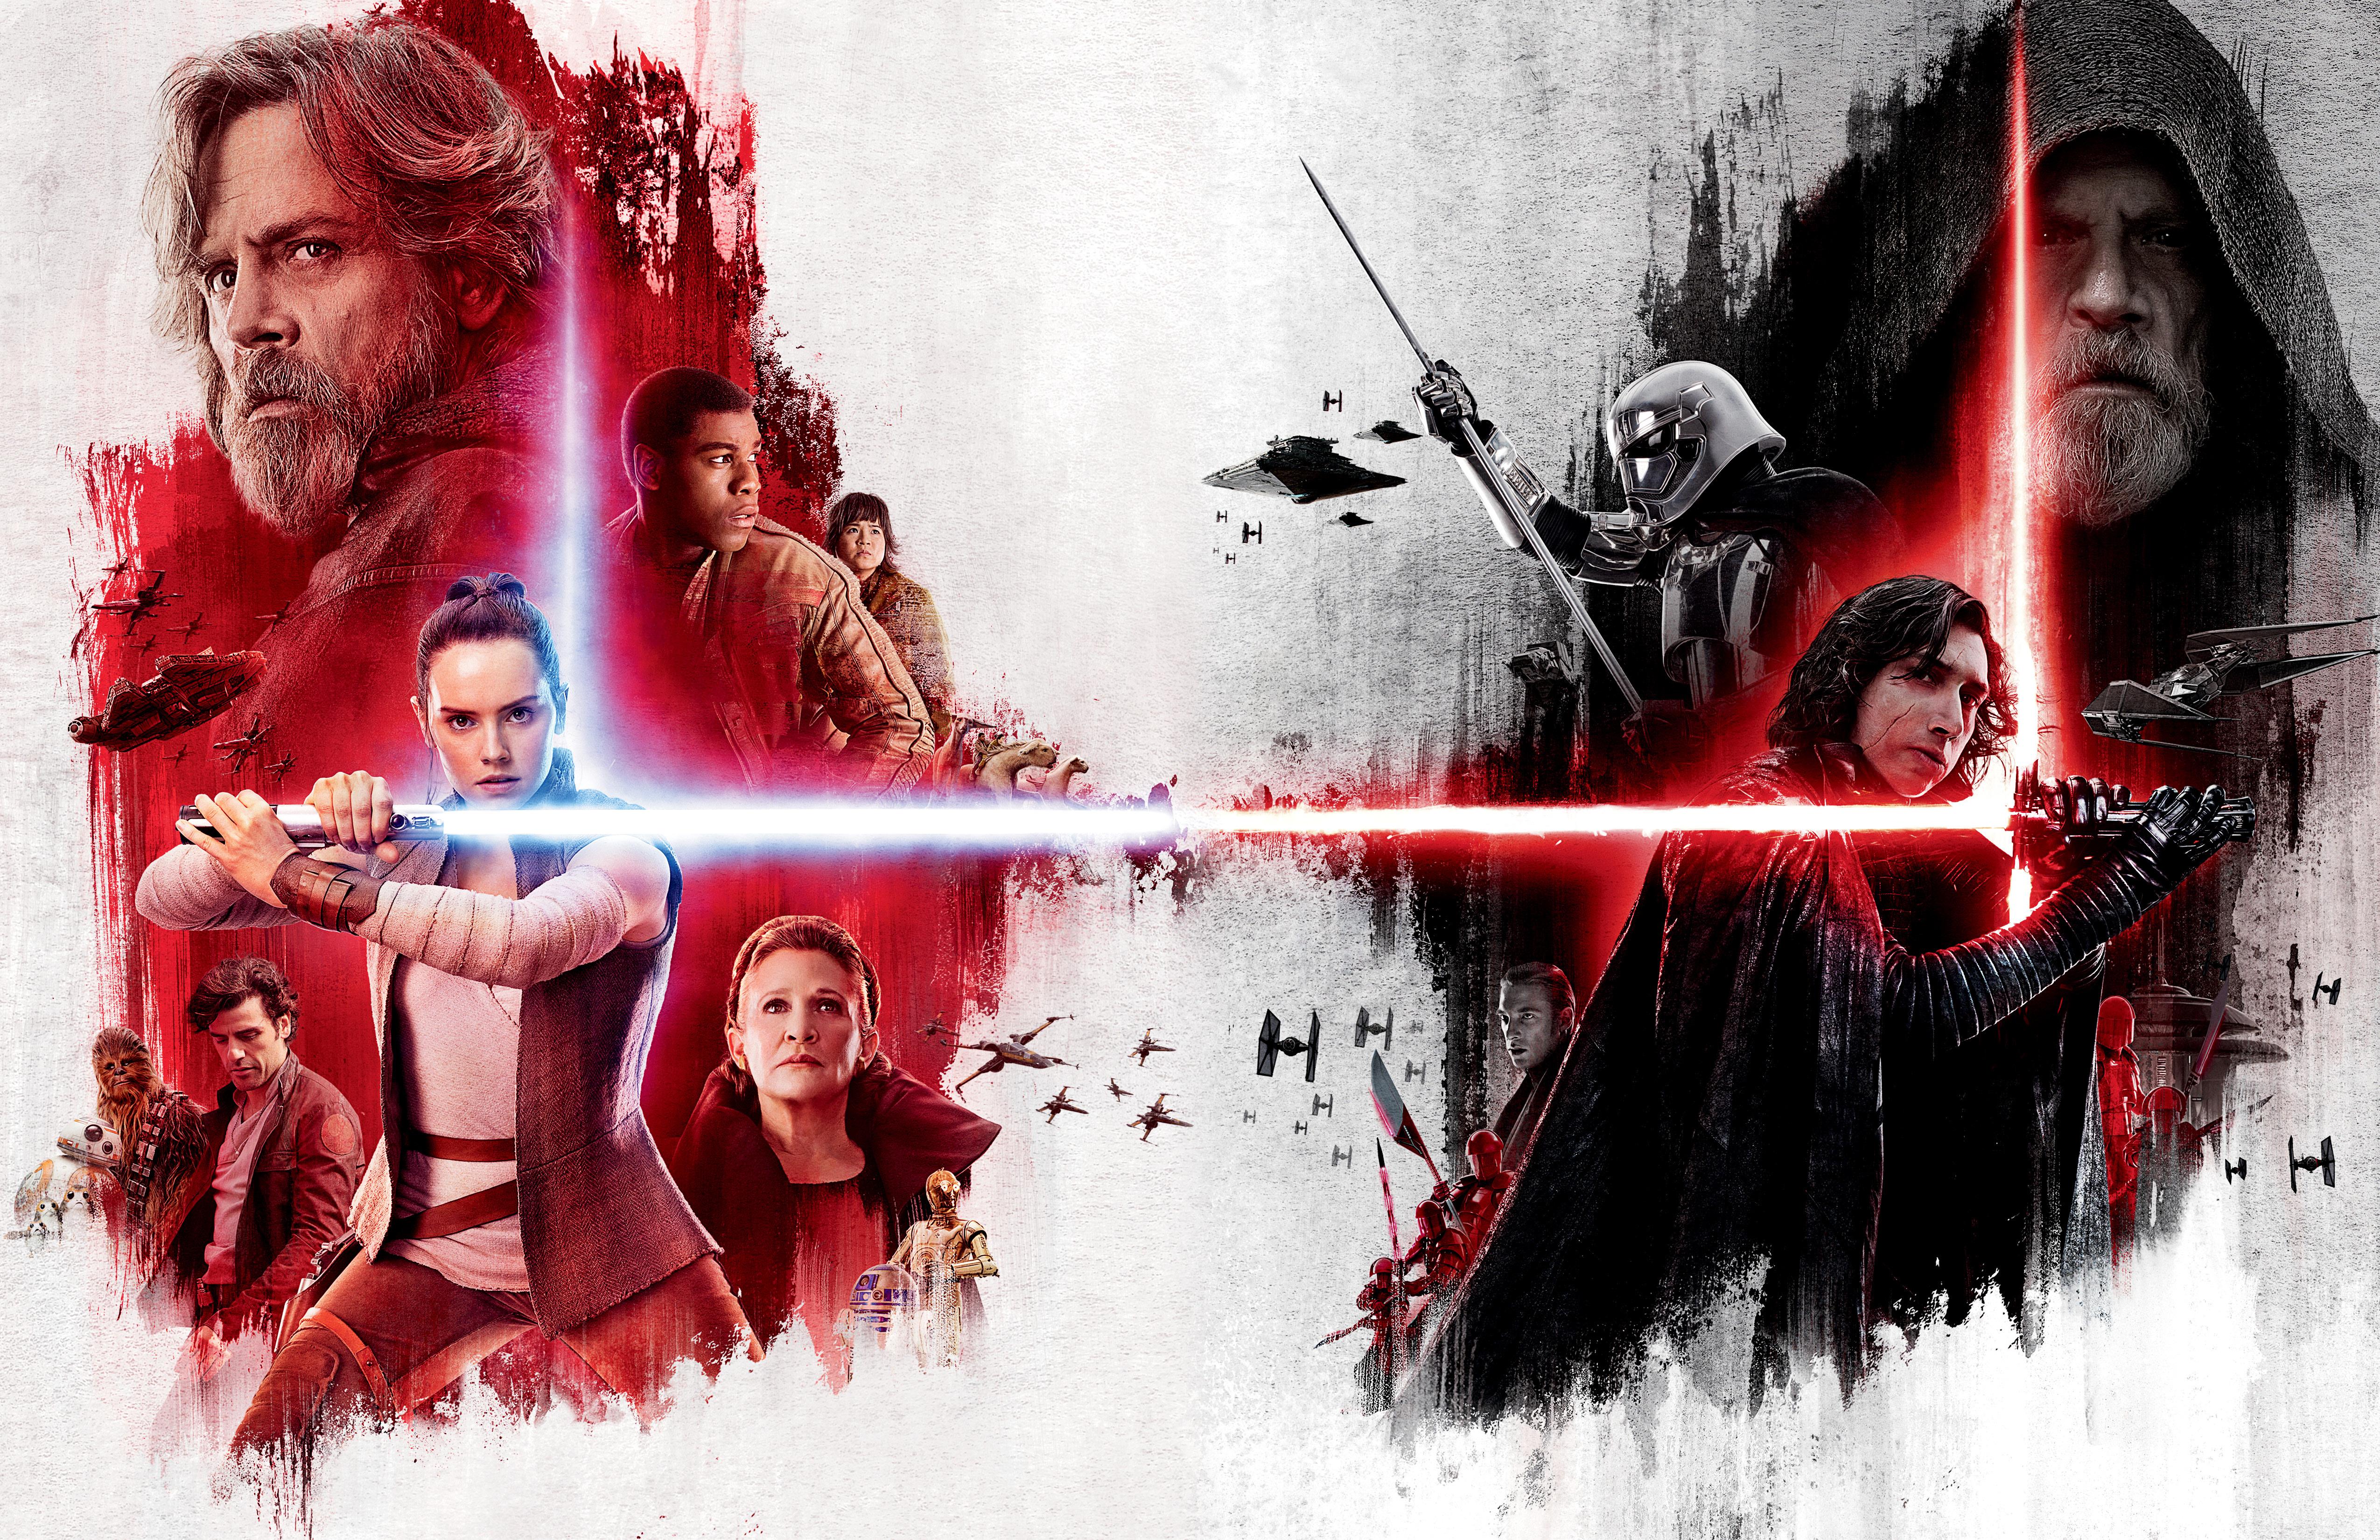 Star Wars The Last Jedi 4k Ultra Hd Wallpaper Background Image 5100x3300